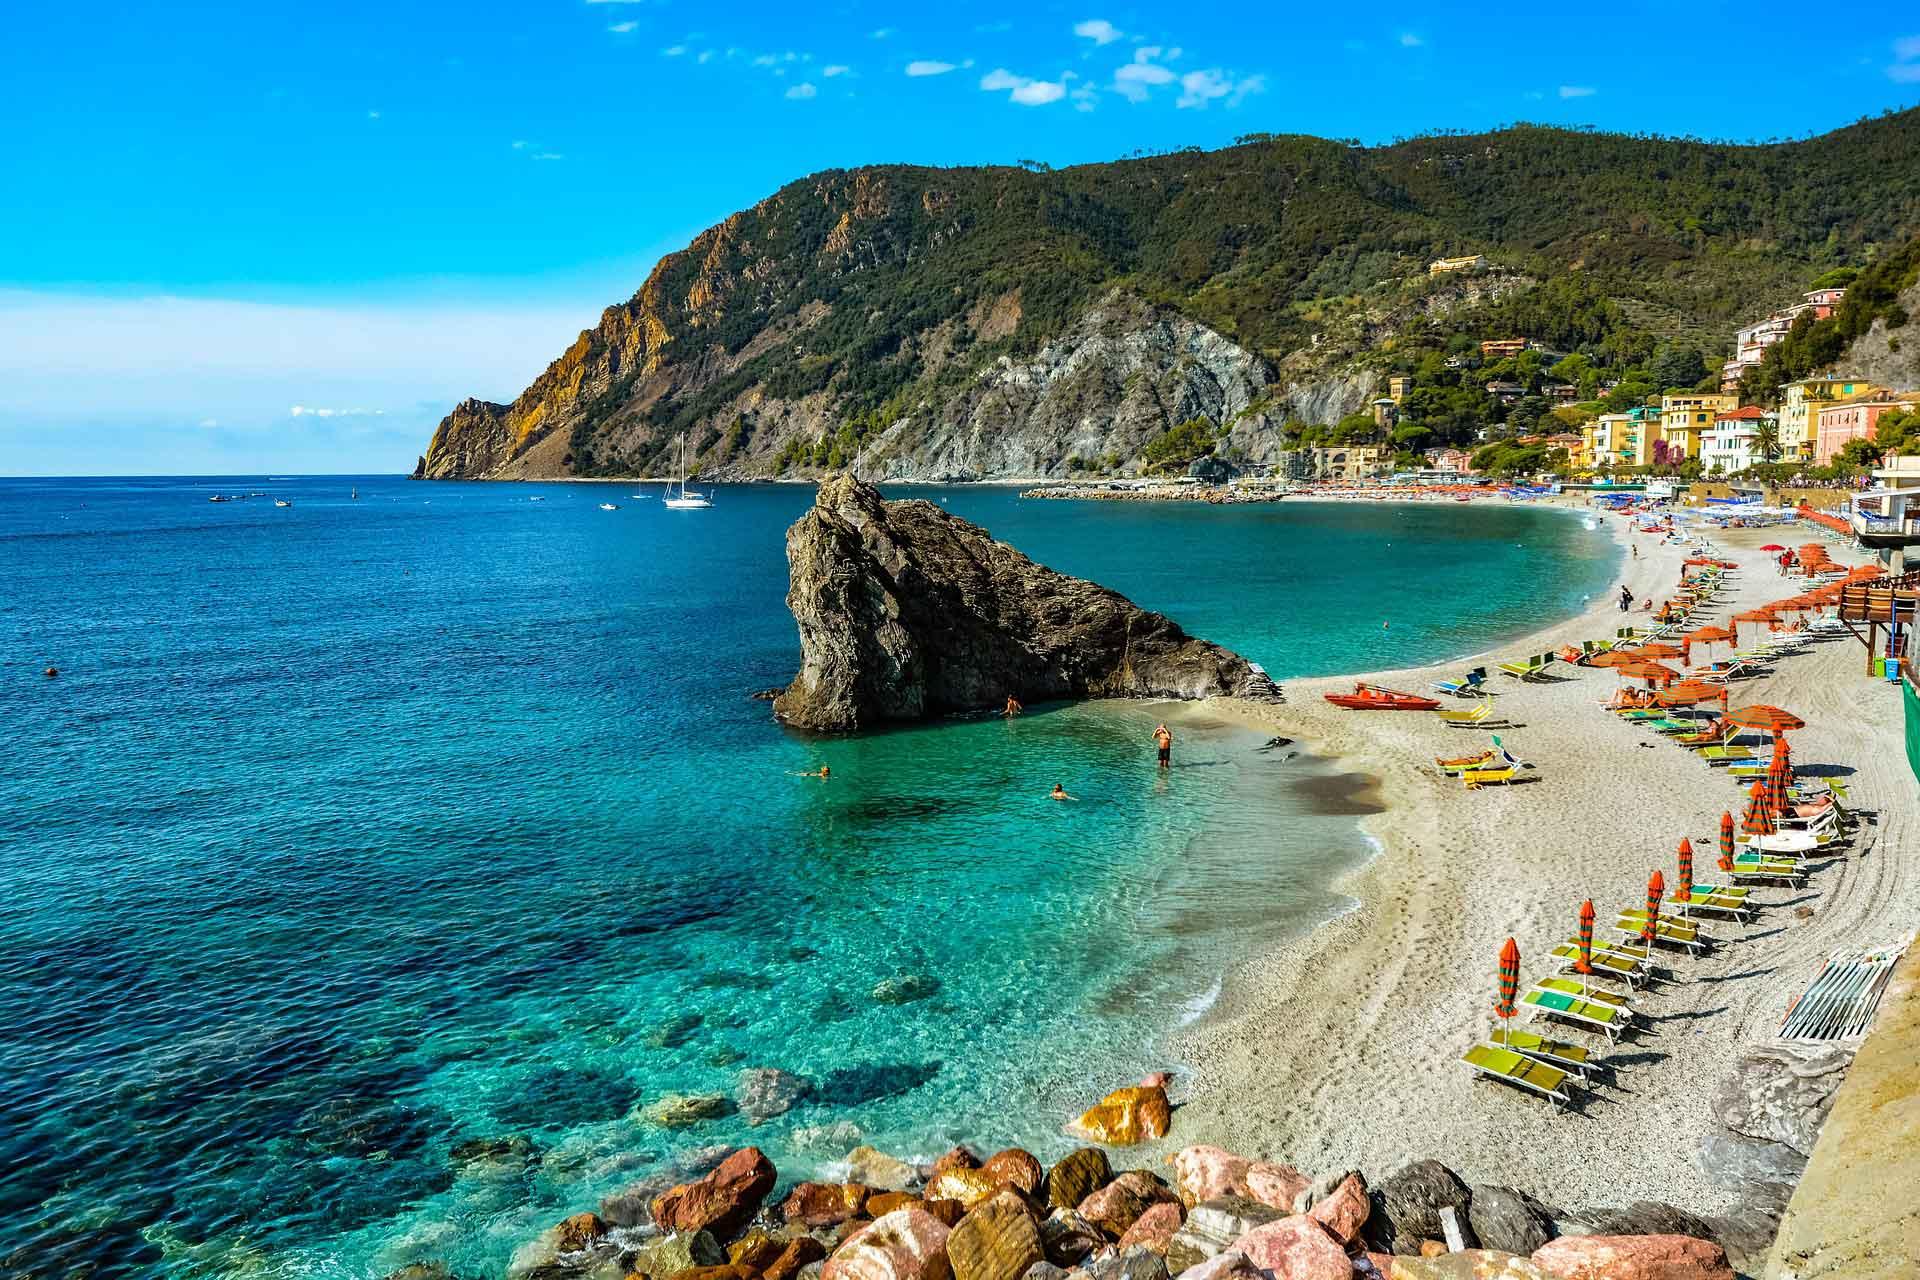 Spiagge della Liguria